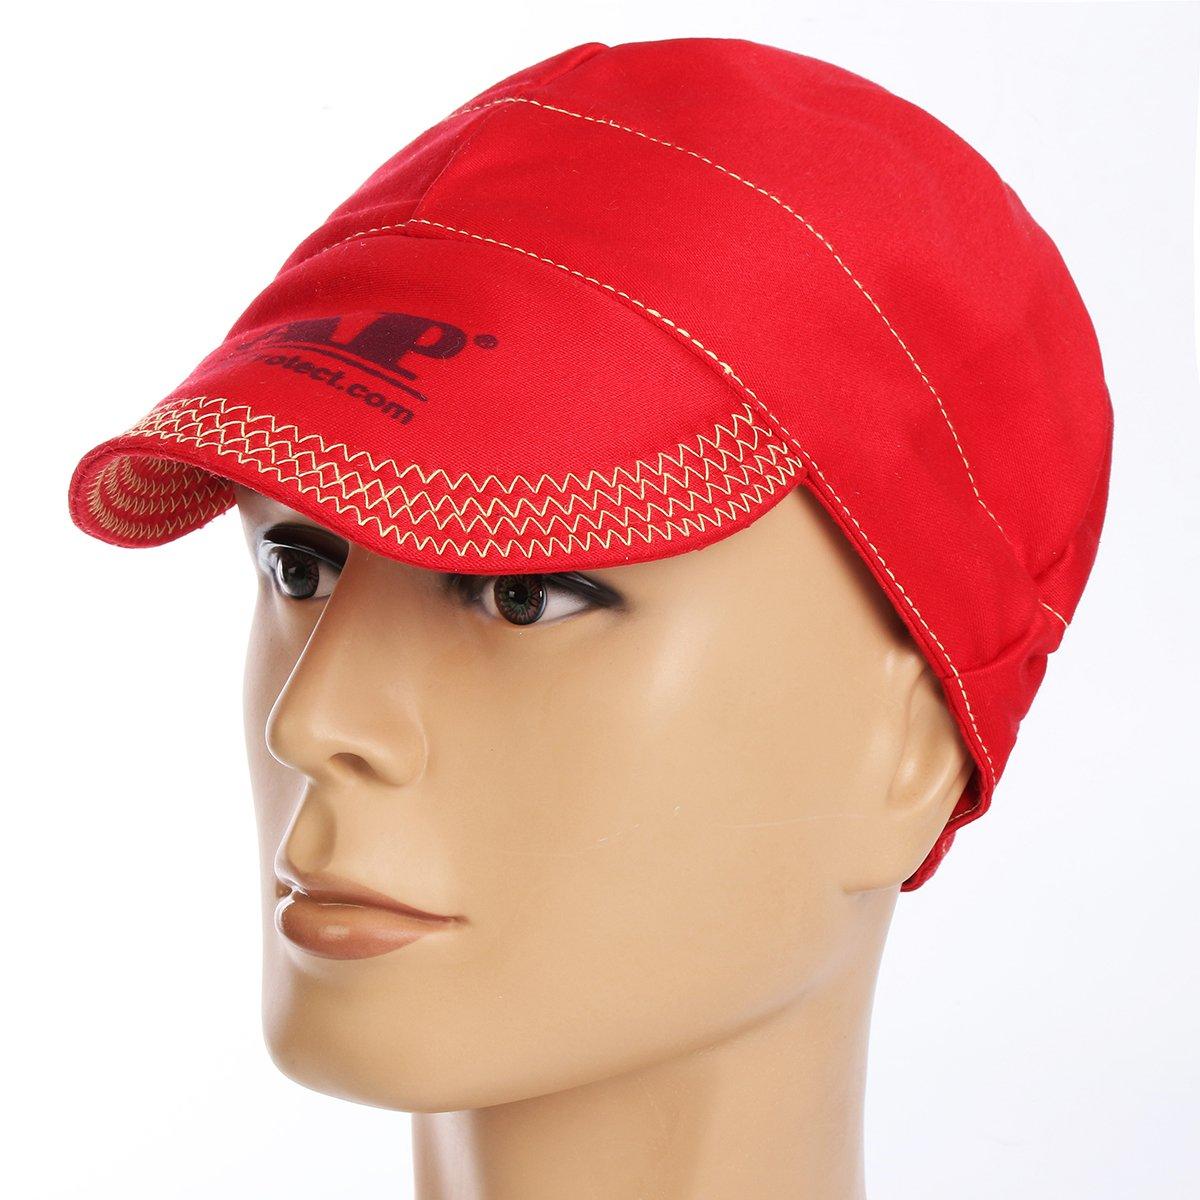 Faway Elastic Welding Hat, Welding Flame Retardant Cloth Hat Cap Head Protection